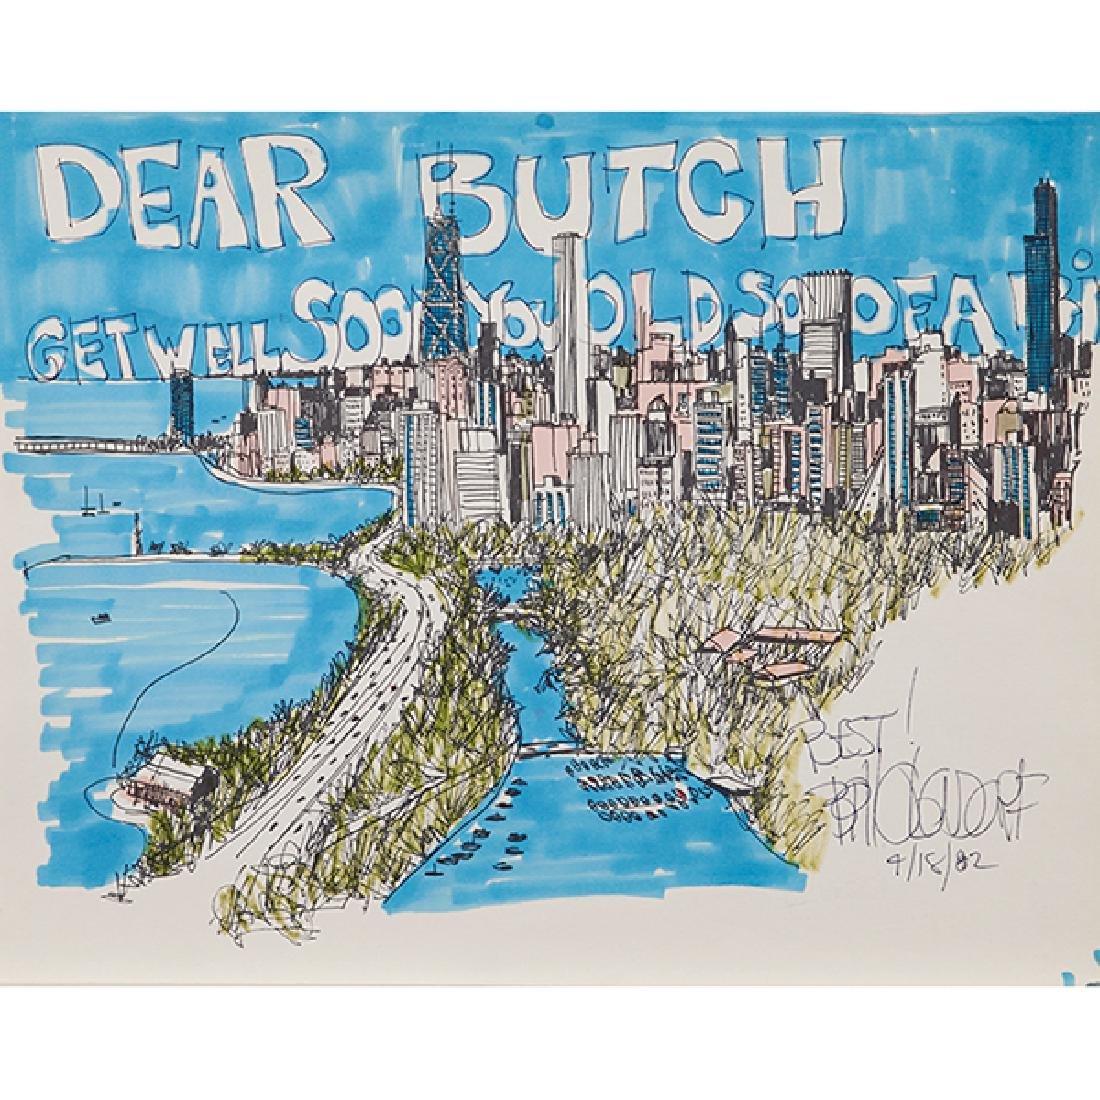 Bill Olendorf, (American, 1924-1996), Dear Butch Get